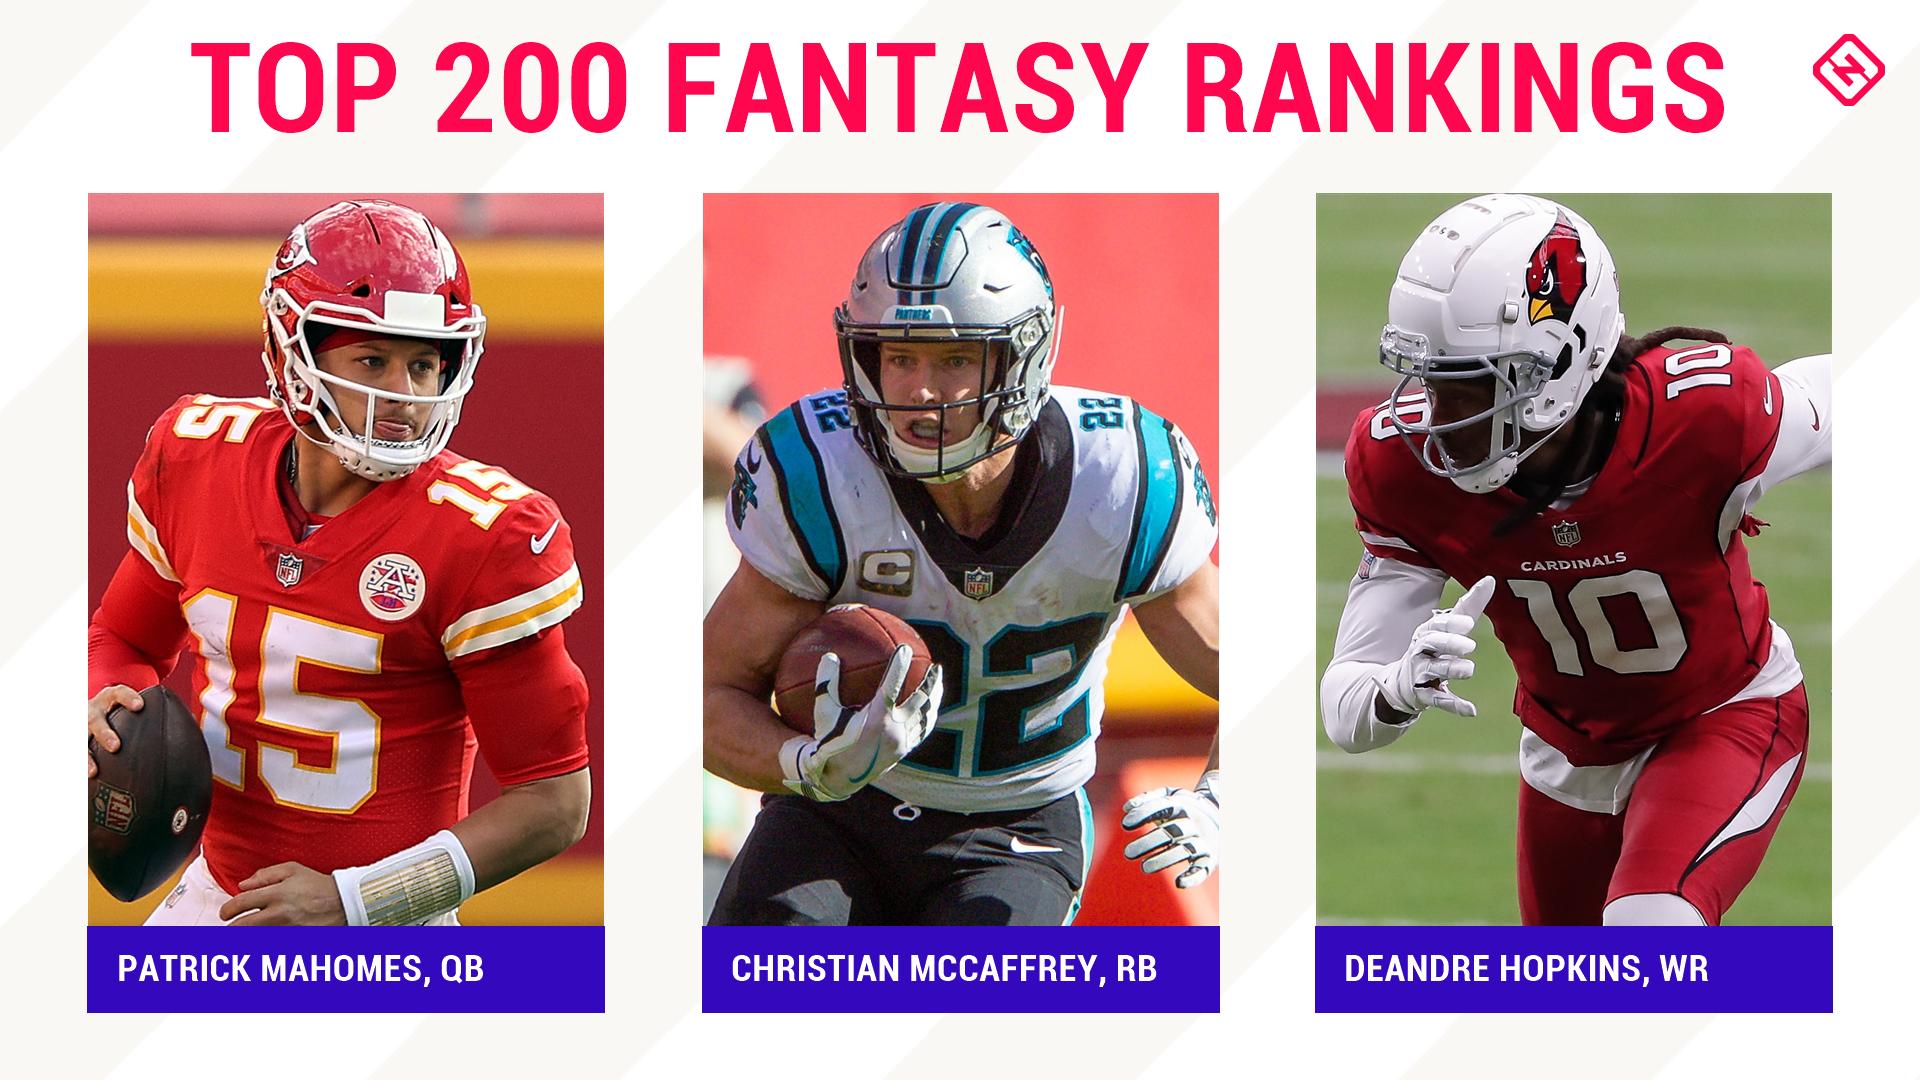 2021 top 200 fantasy rankings ftr 1269oyzss73aw1r8shrf3ii0z4